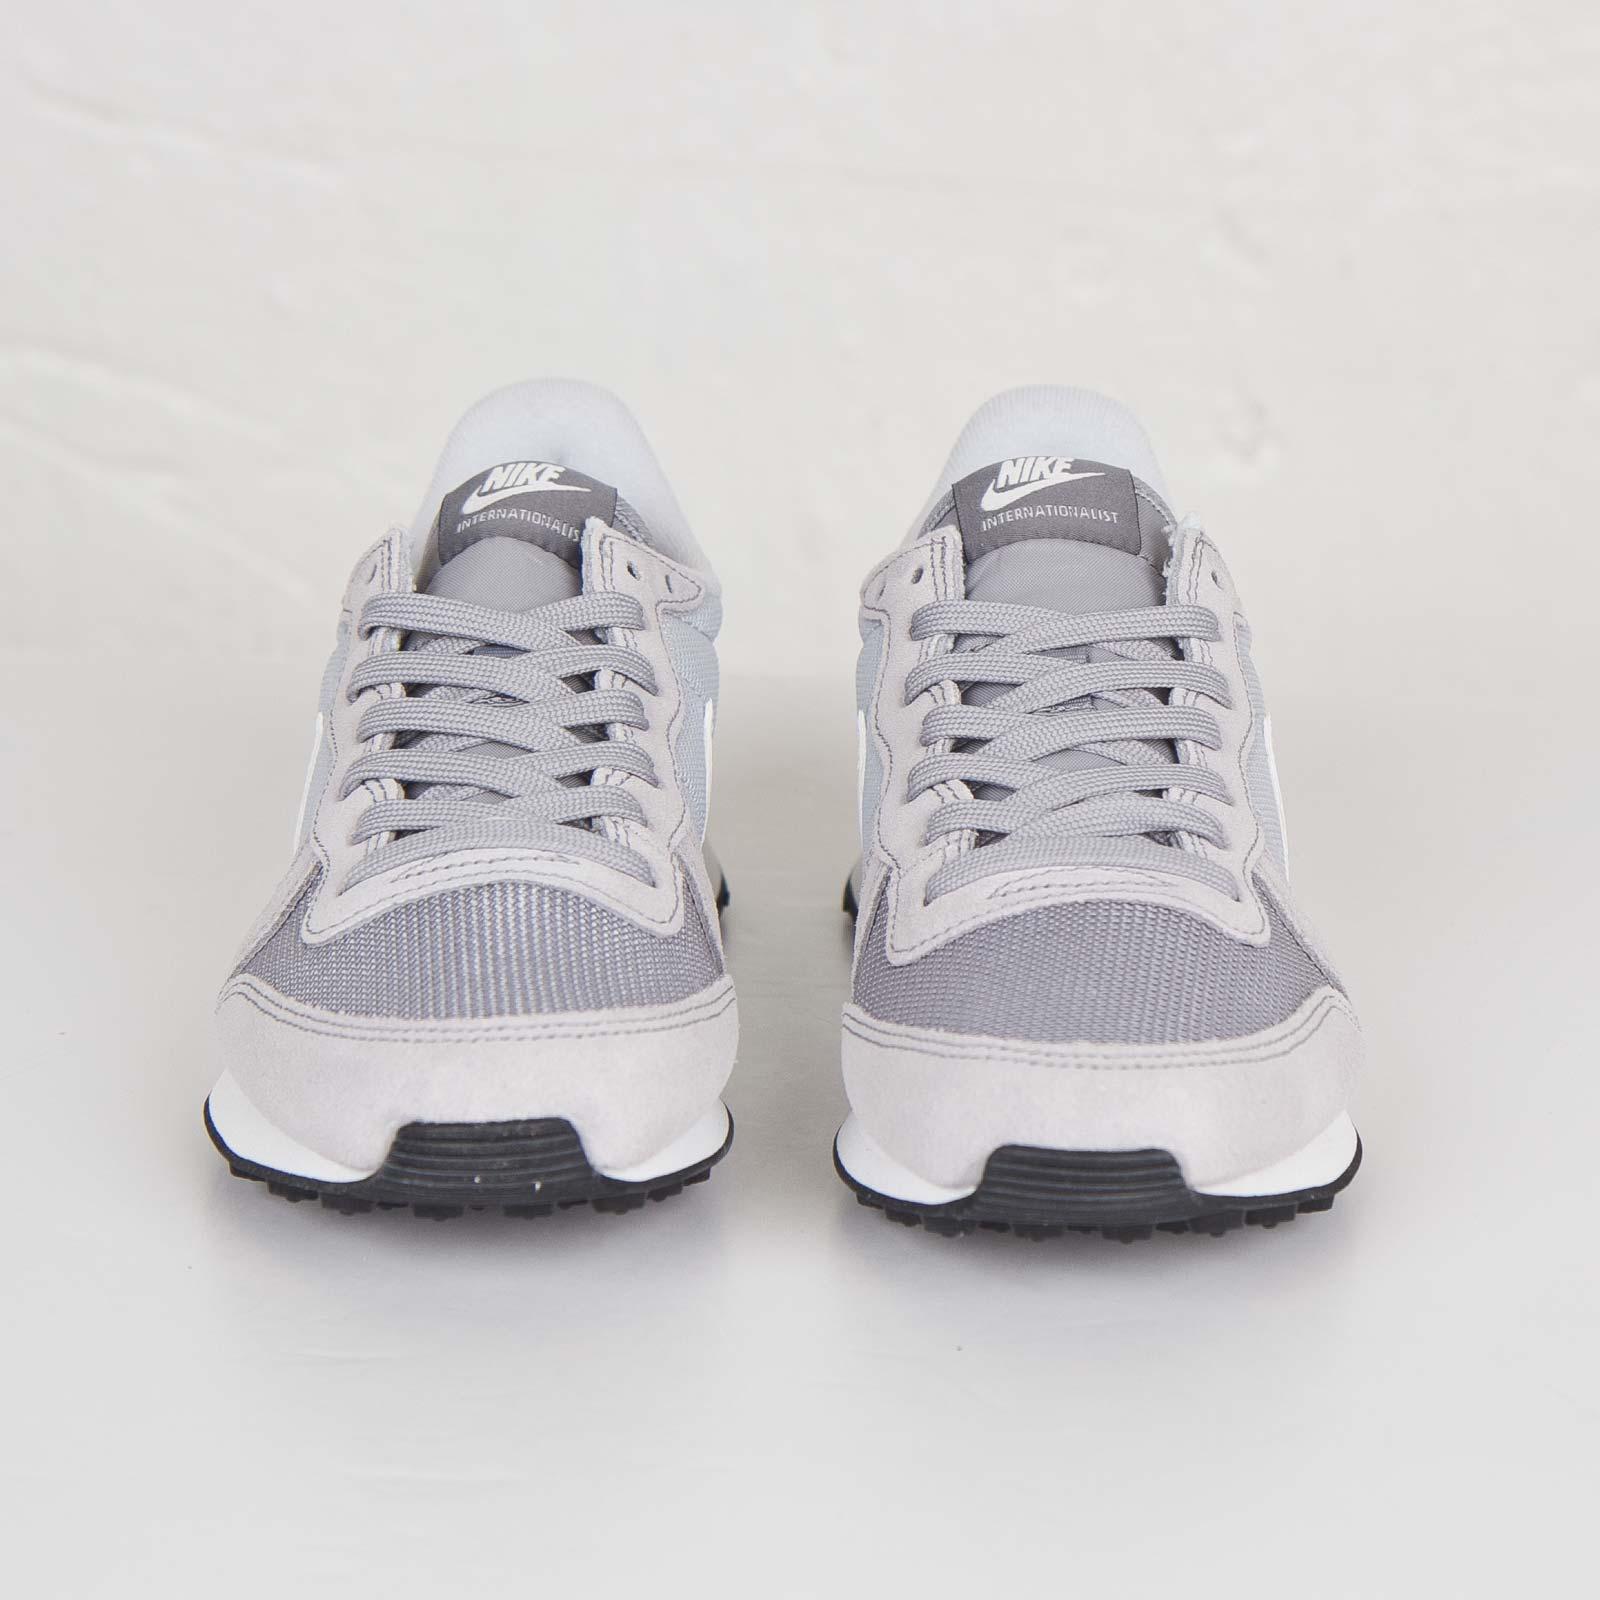 wholesale dealer 16019 b16dd Nike Wmns Internationalist - 629684-015 - Sneakersnstuff   sneakers    streetwear online since 1999